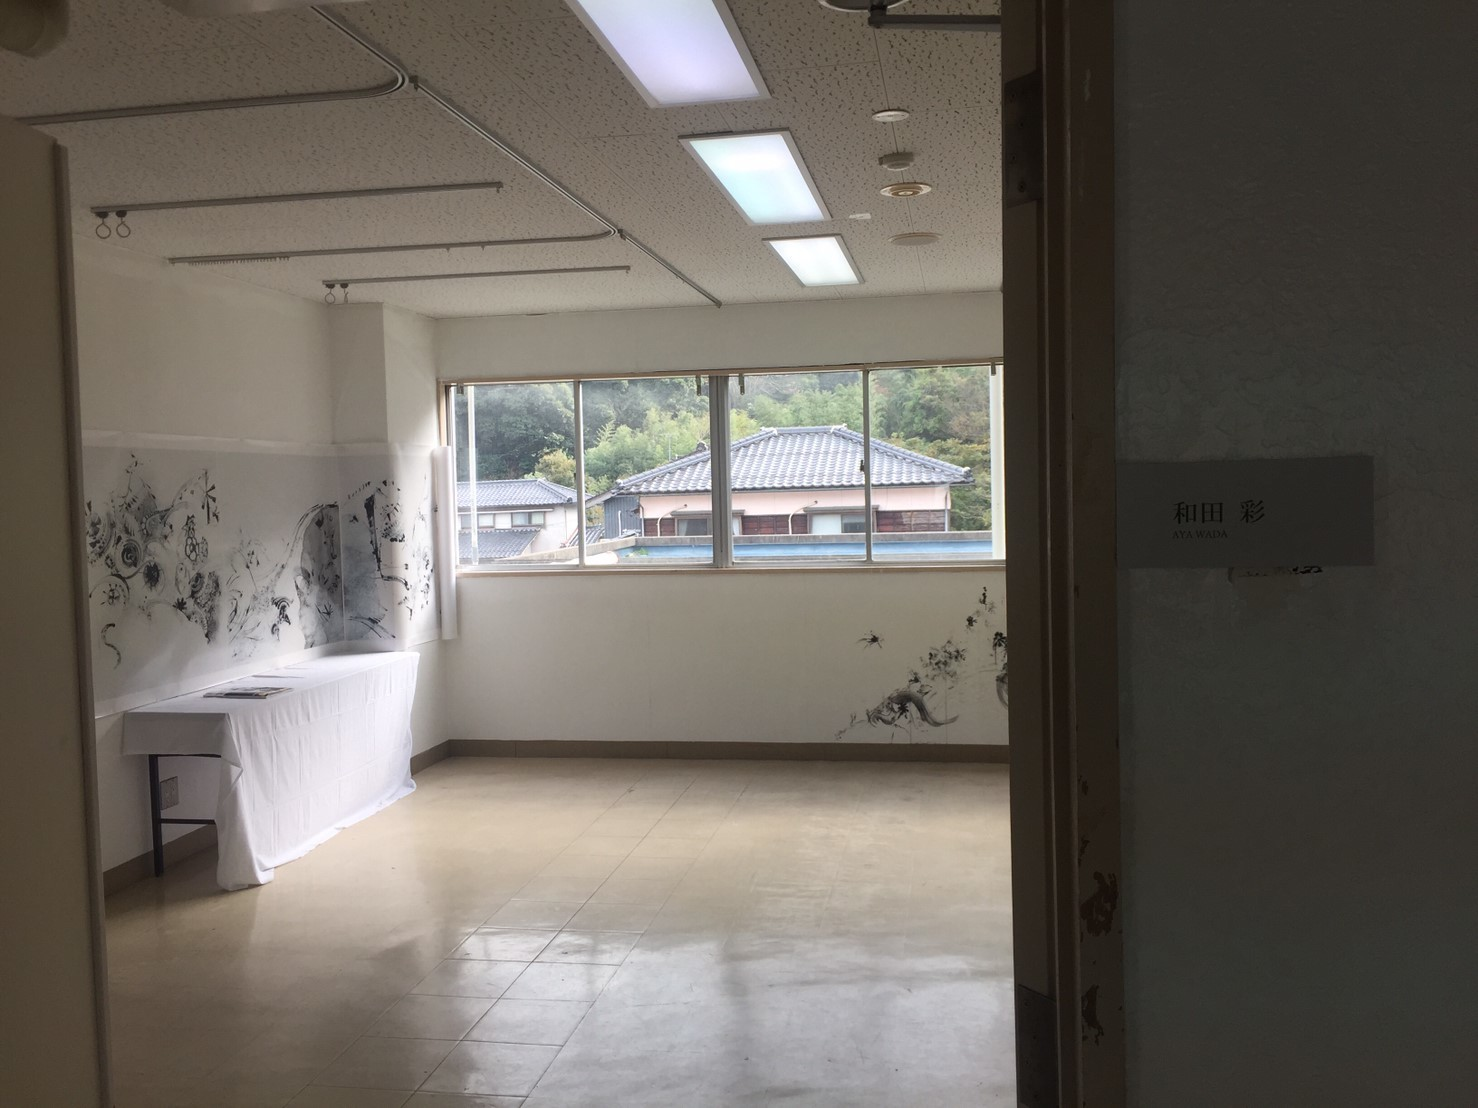 岩美現代美術展 2019_e0115904_01410316.jpg